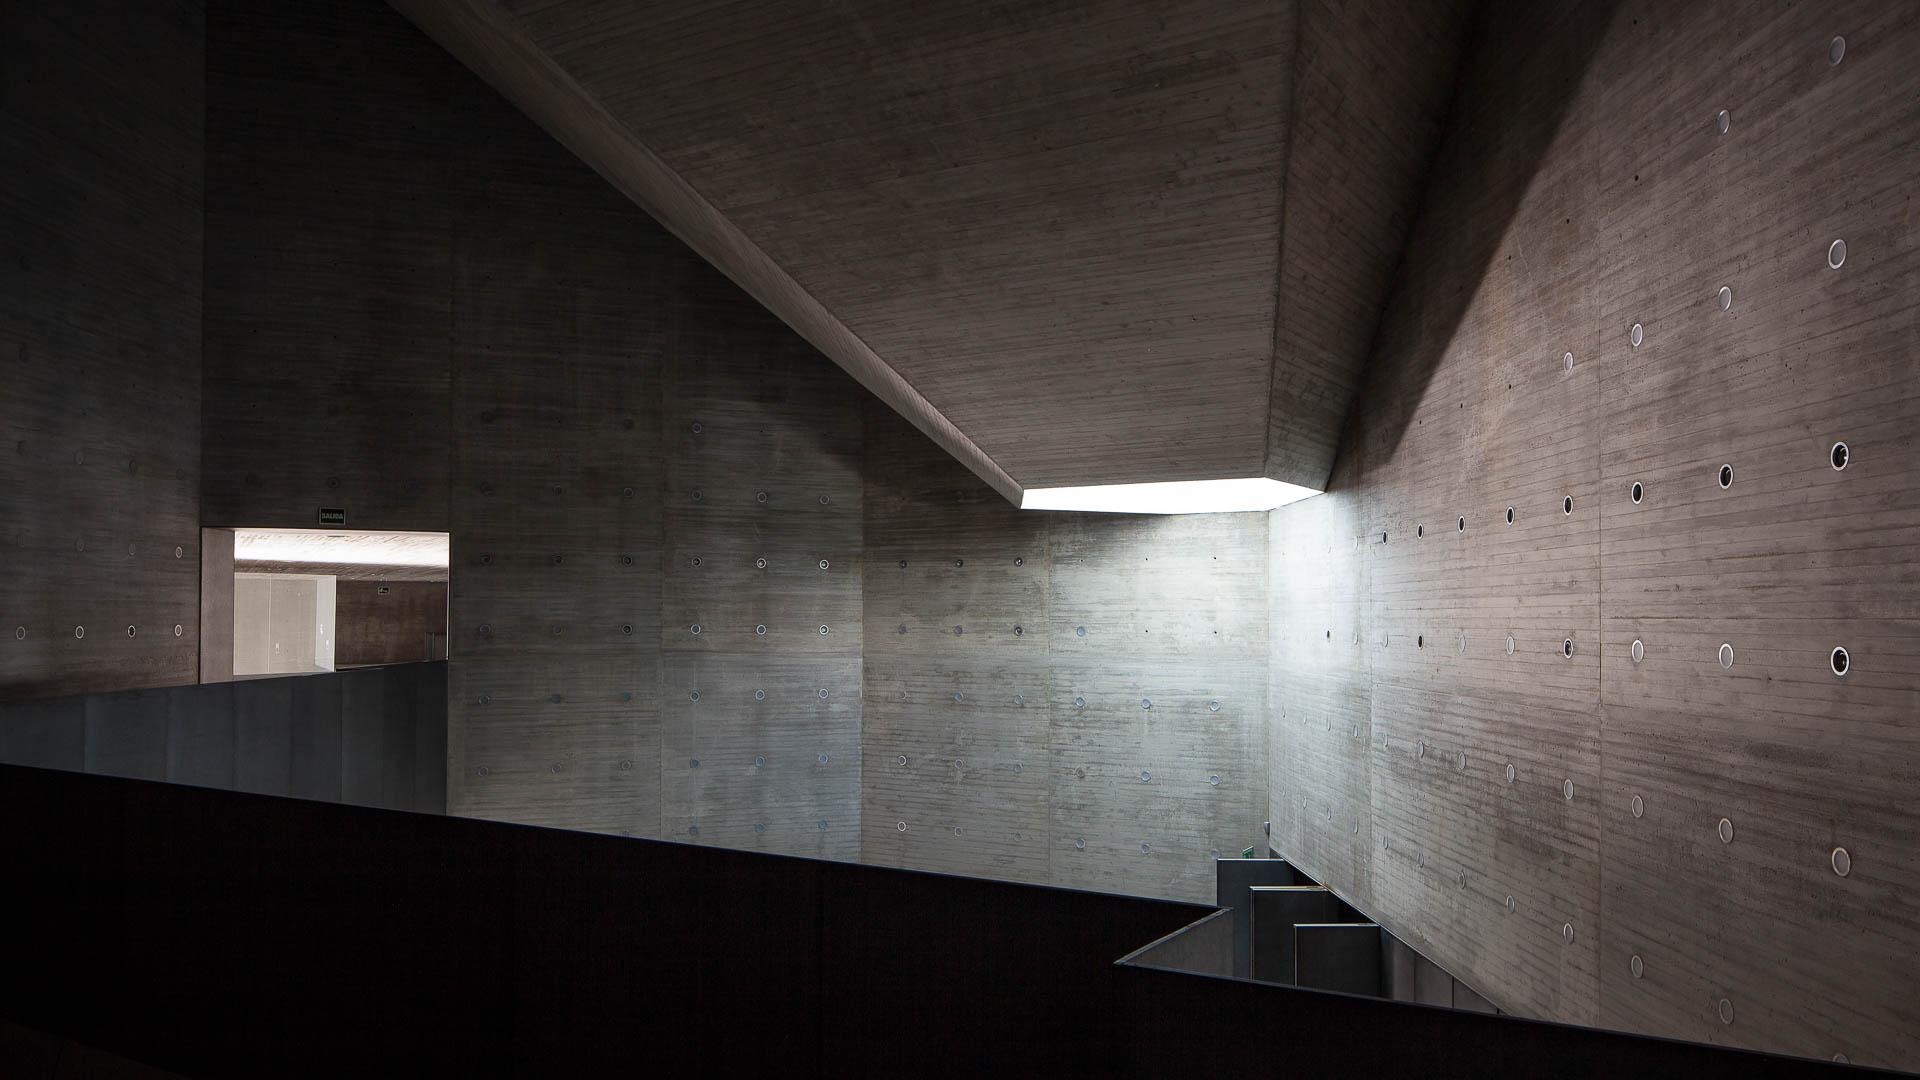 C3A - Córdoba - Nieto Sobejano - Manolo Espaliú Fotografía de Arquitectura